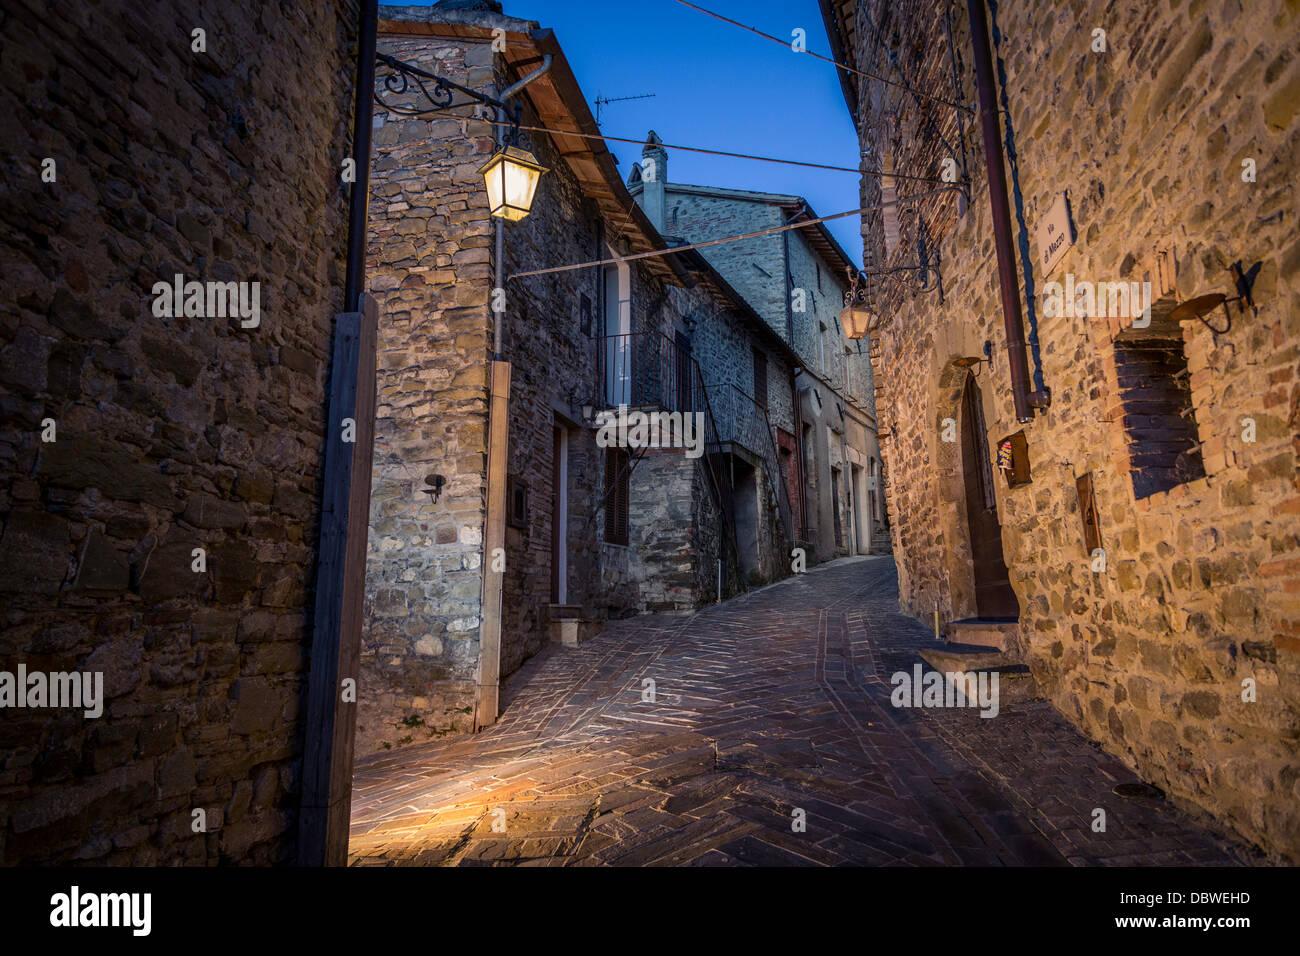 Les rues étroites de l'Europe Photo Stock